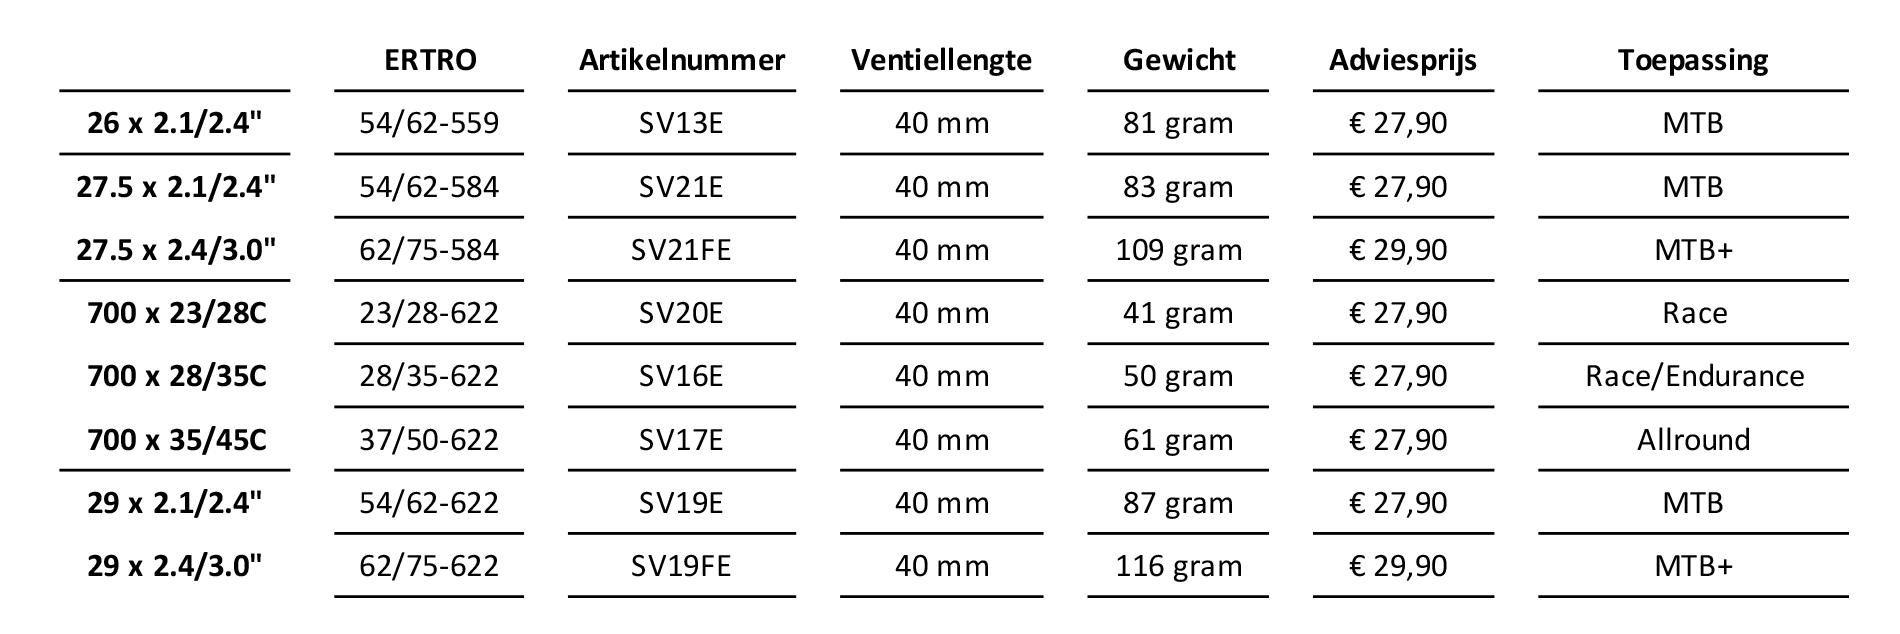 Schwalbe Aerothan specificaties en prijzen